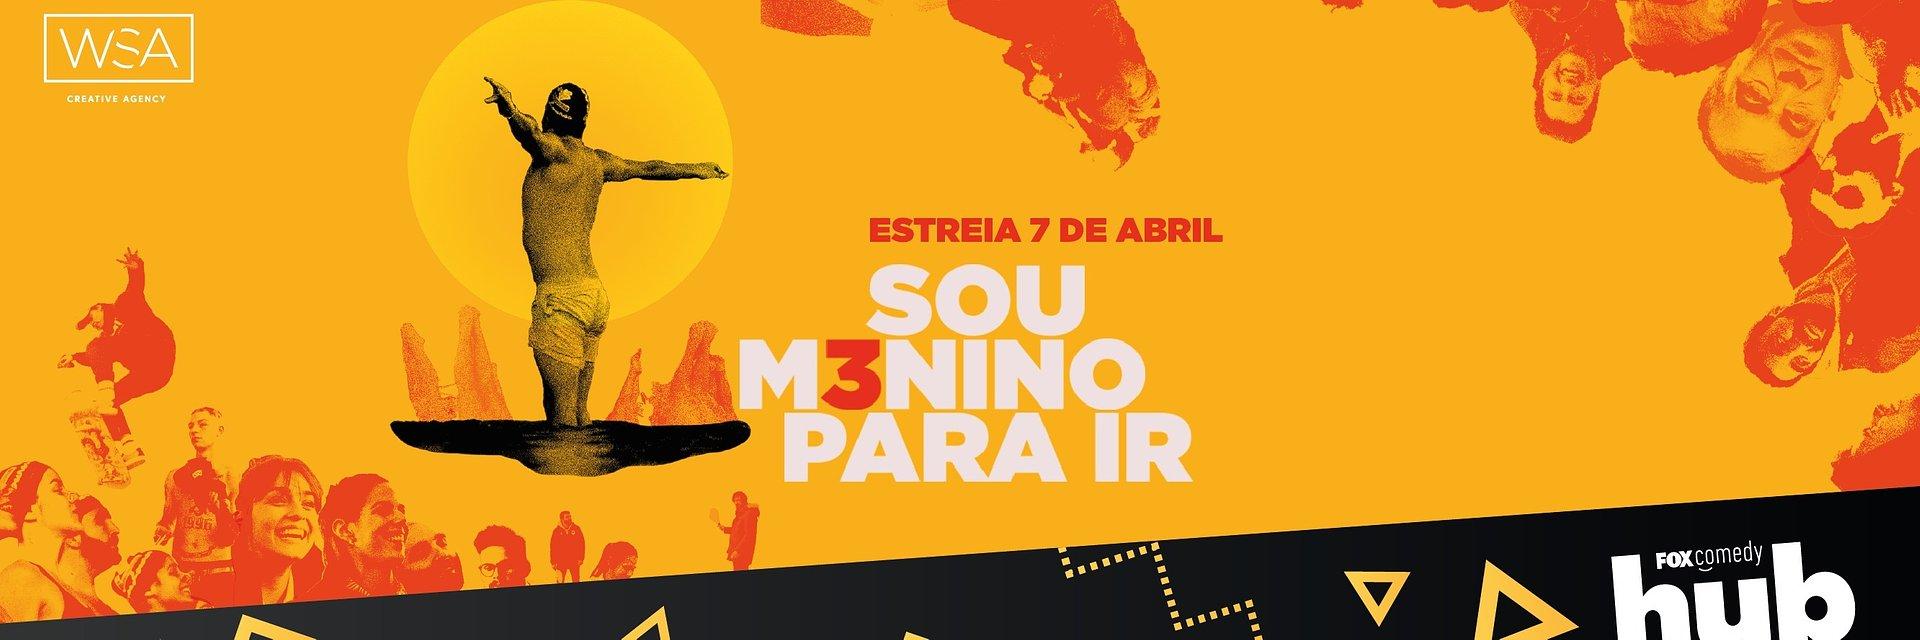 """FOX COMEDY HUB: """"SOU MENINO PARA IR"""" COM SALVADOR MARTINHA ESTÁ DE VOLTA PARA TERCEIRA TEMPORADA"""